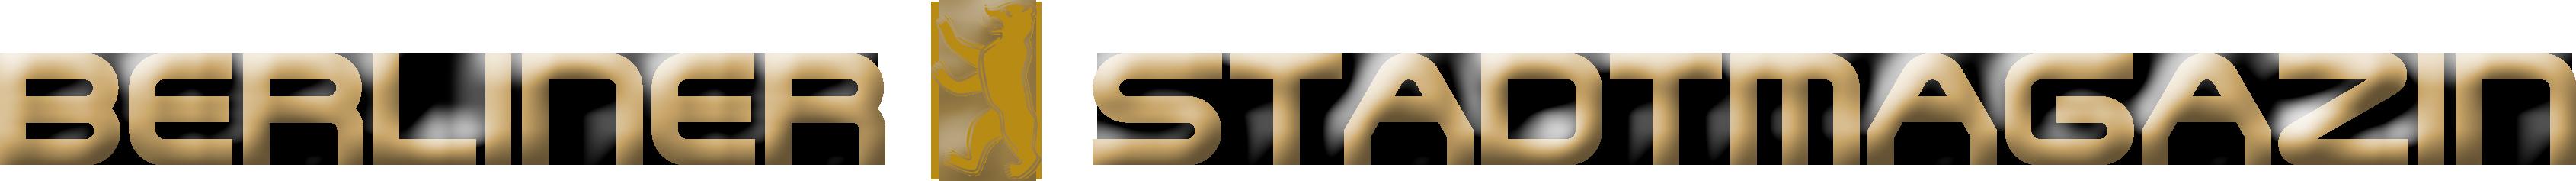 Berliner Stadtmagazin Logo